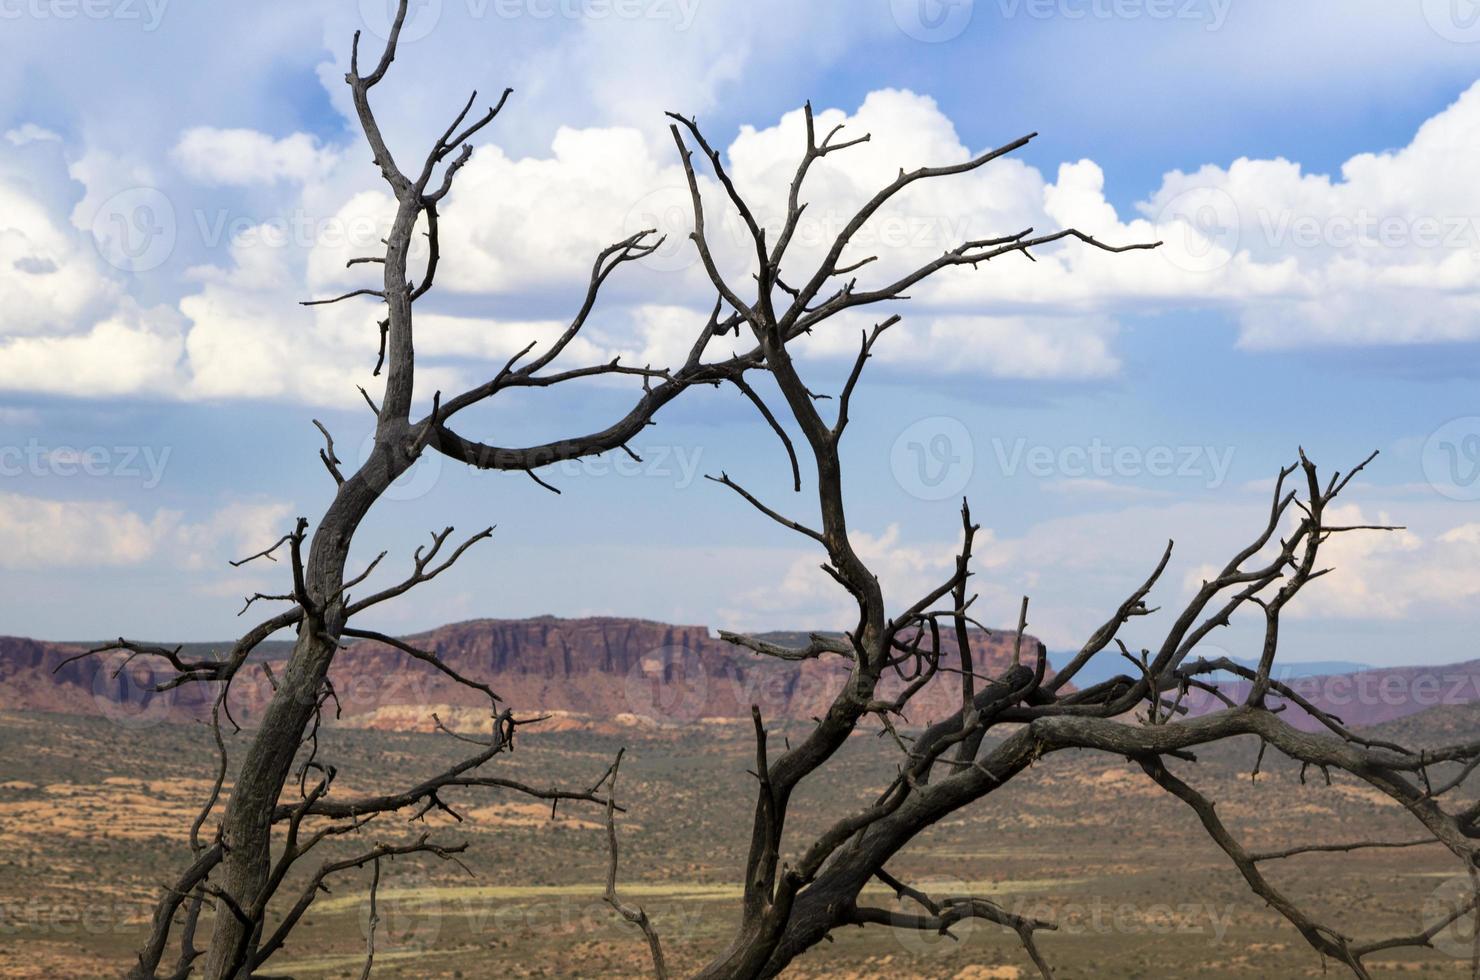 dött träd ökenlandskap foto